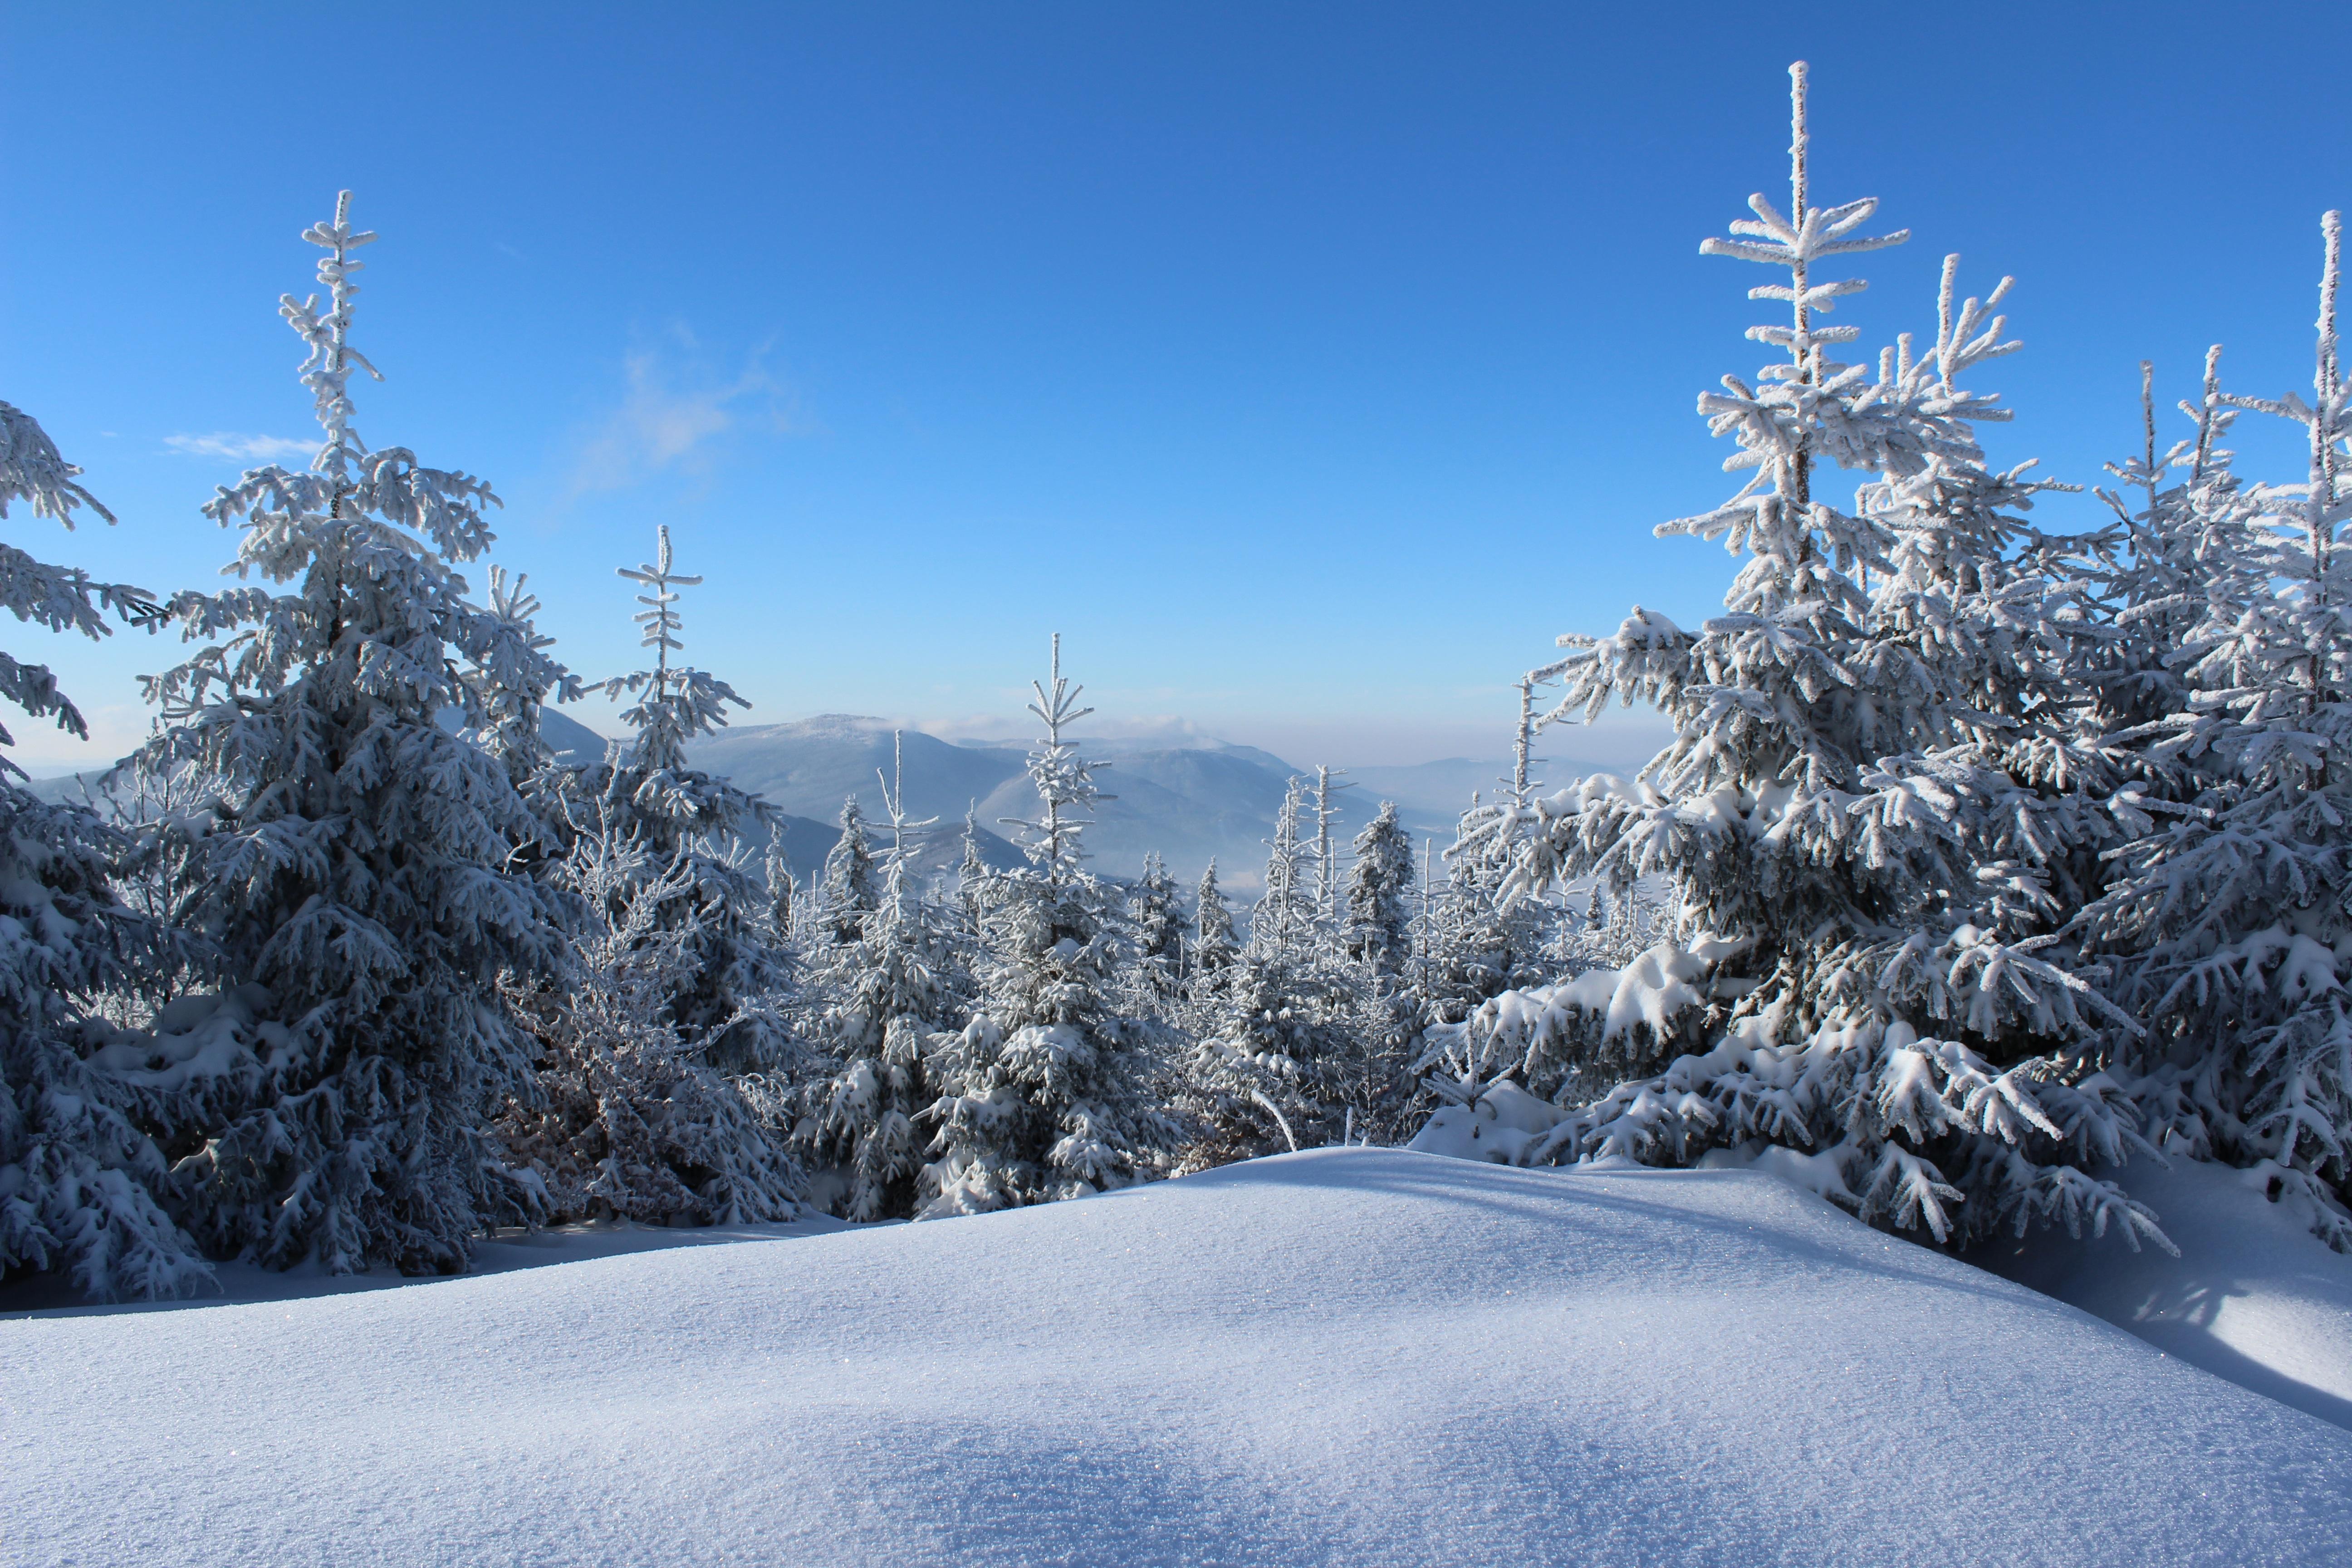 Images gratuites arbre for t r gion sauvage montagne - Photos de neige gratuites ...